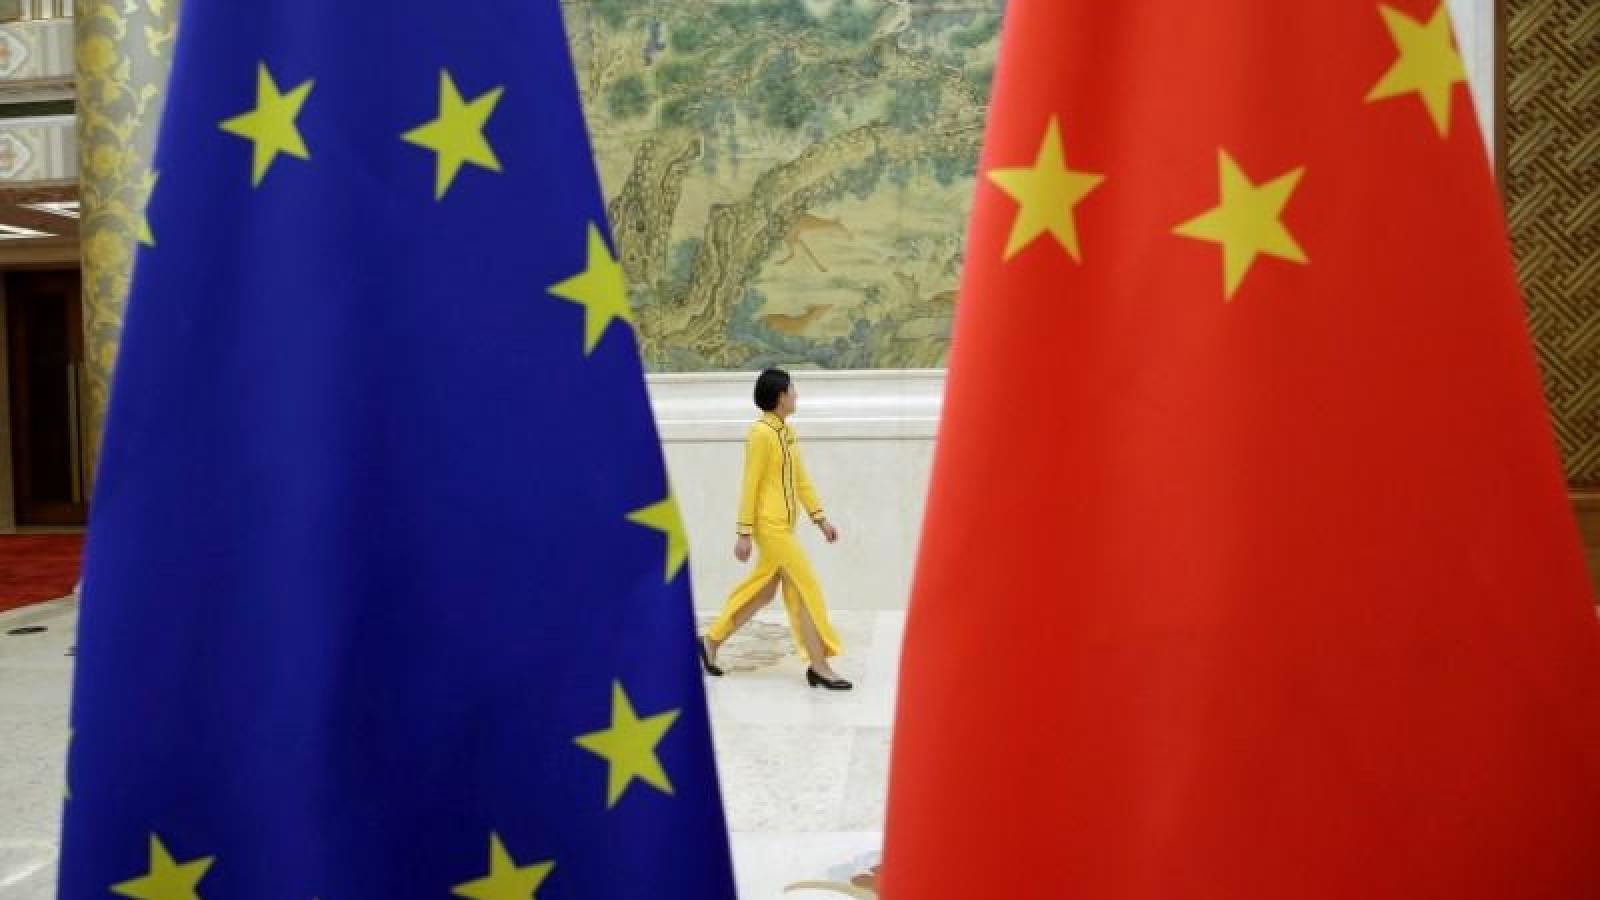 """Châu Âu tung kế hoạch đối trọng với sáng kiến """"Vành đai – Con đường"""" của Trung Quốc"""